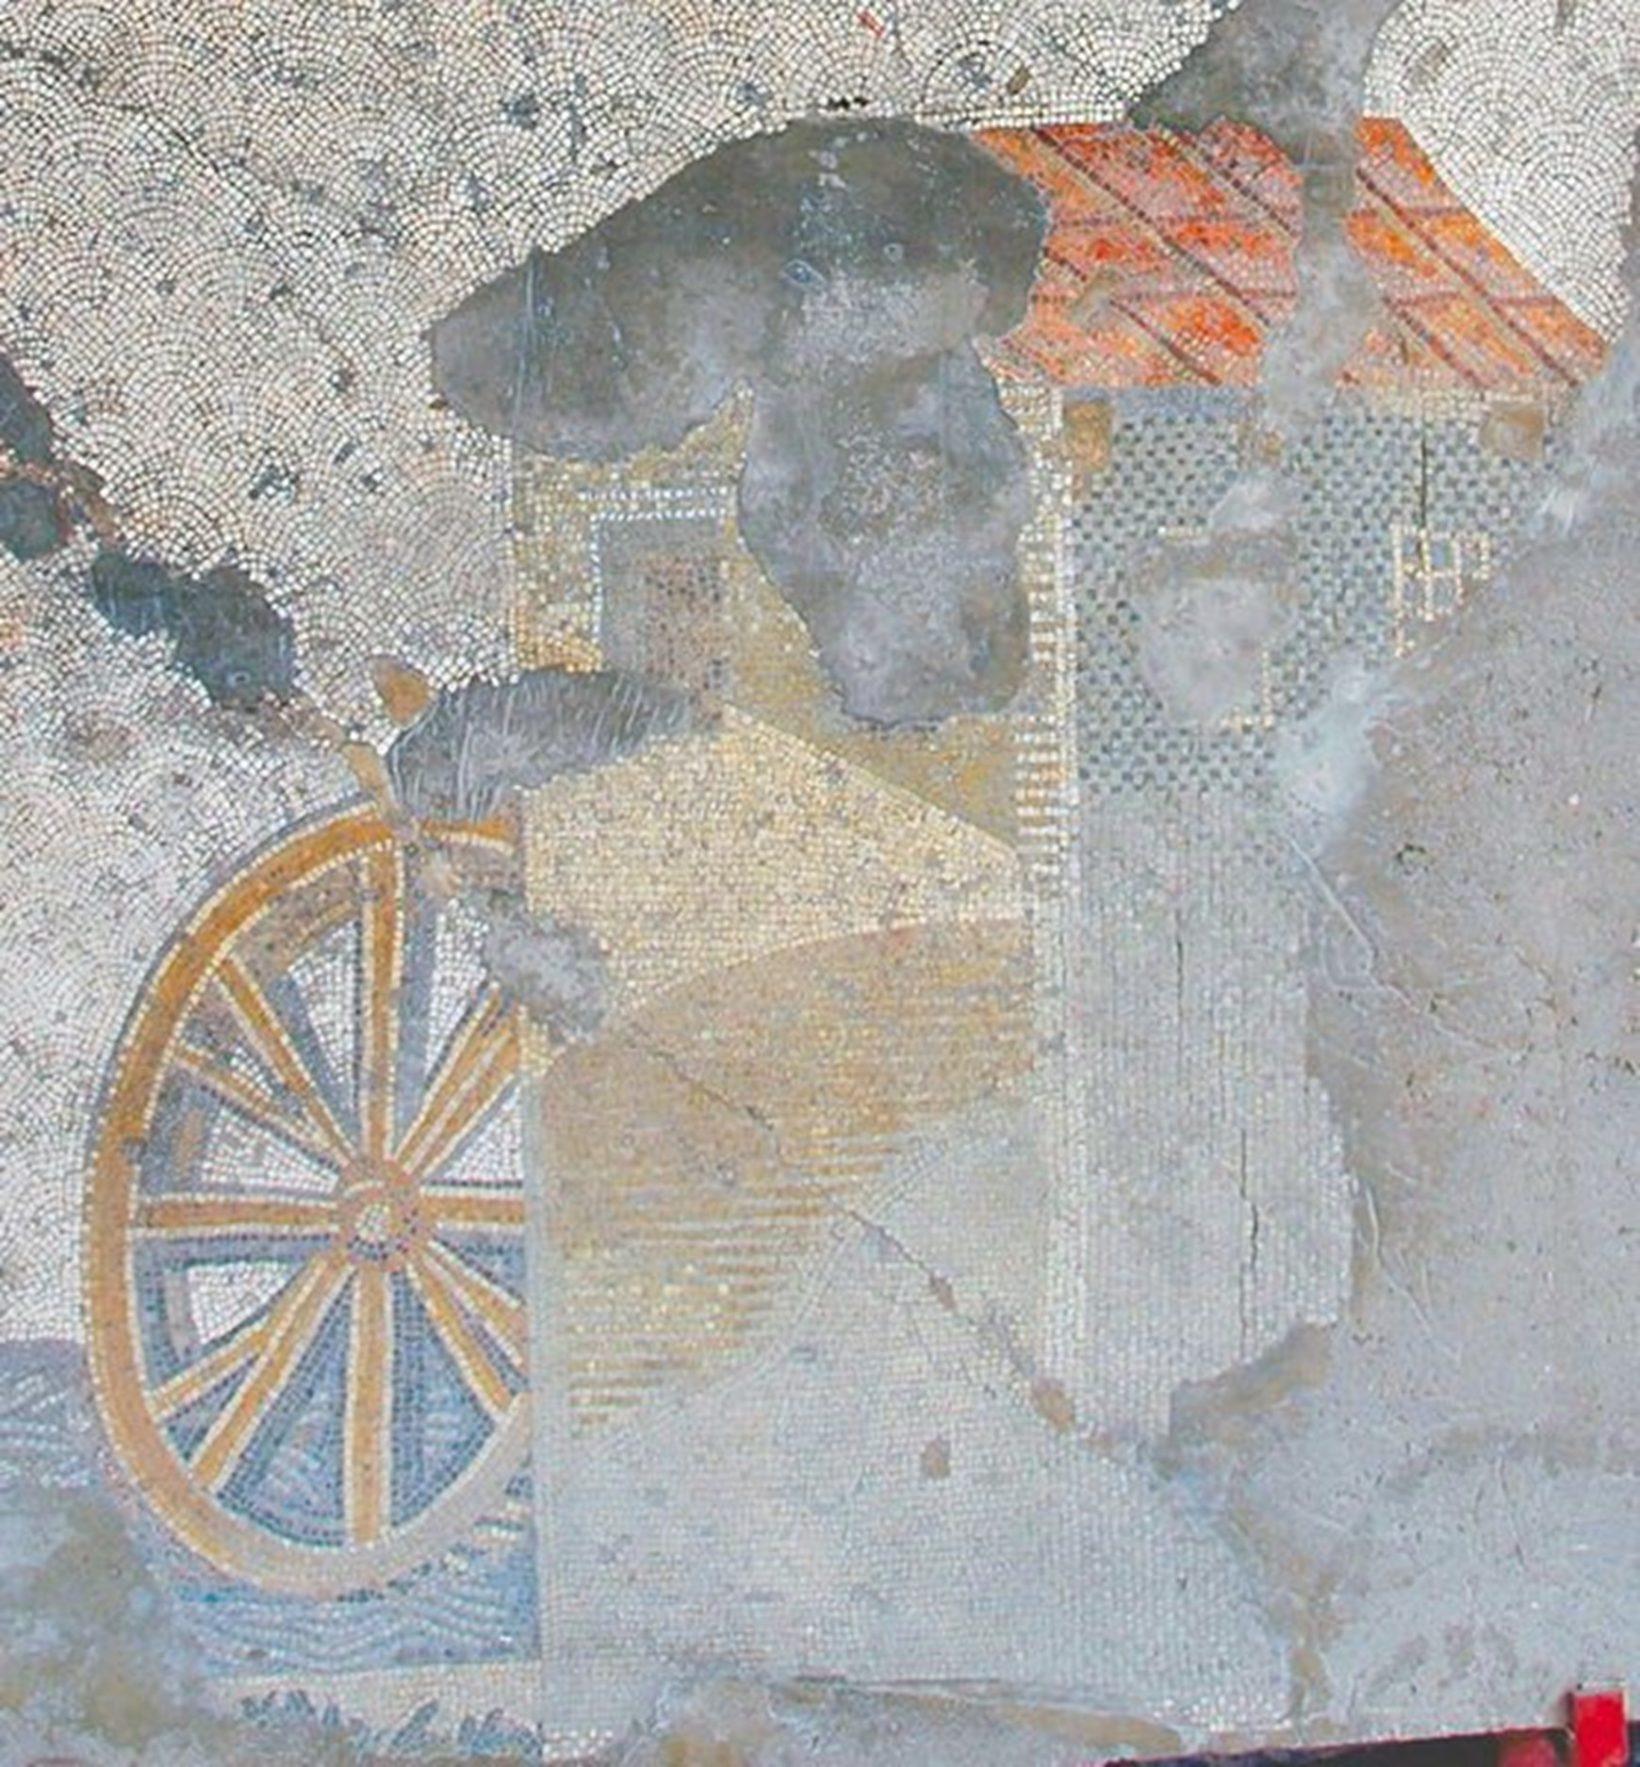 Константинополь, Большой императорский дворец, мозаика сизображением водяной мельницы